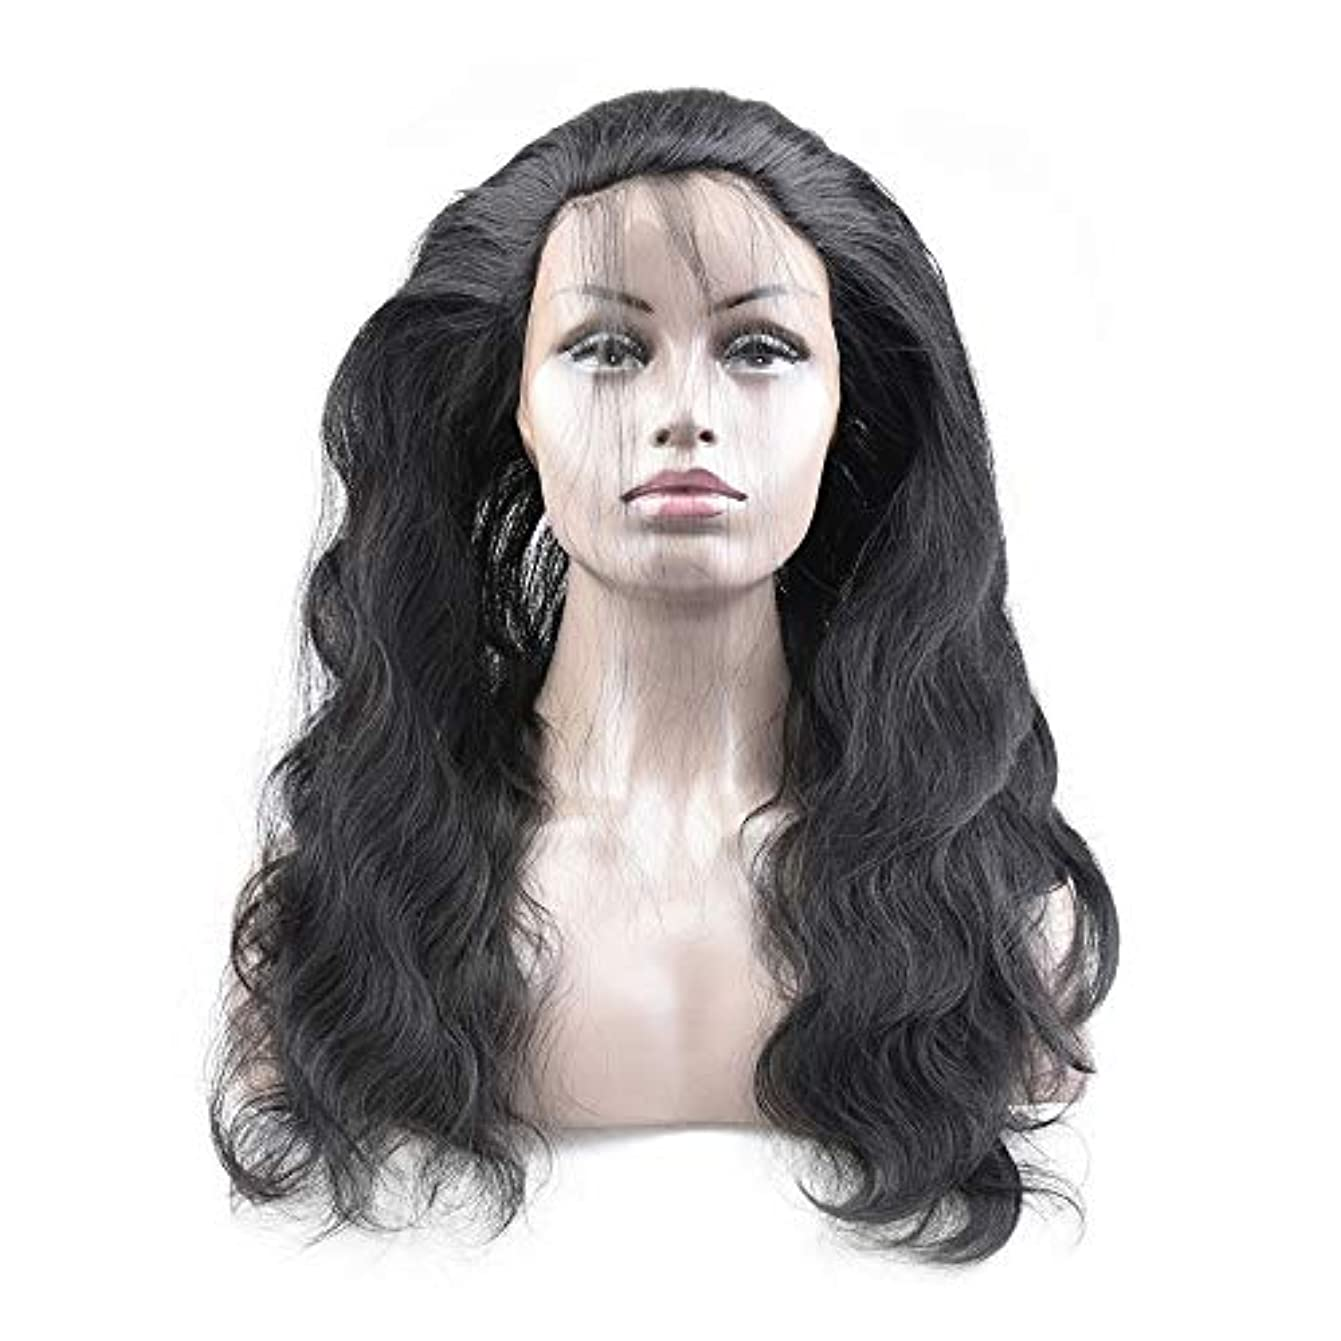 自動的にちなみにチャレンジJULYTER 360レース前頭かつらヘアラインレースフィギュア人間の髪の毛のかつら実体波髪のかつら (色 : 黒, サイズ : 8 inch)